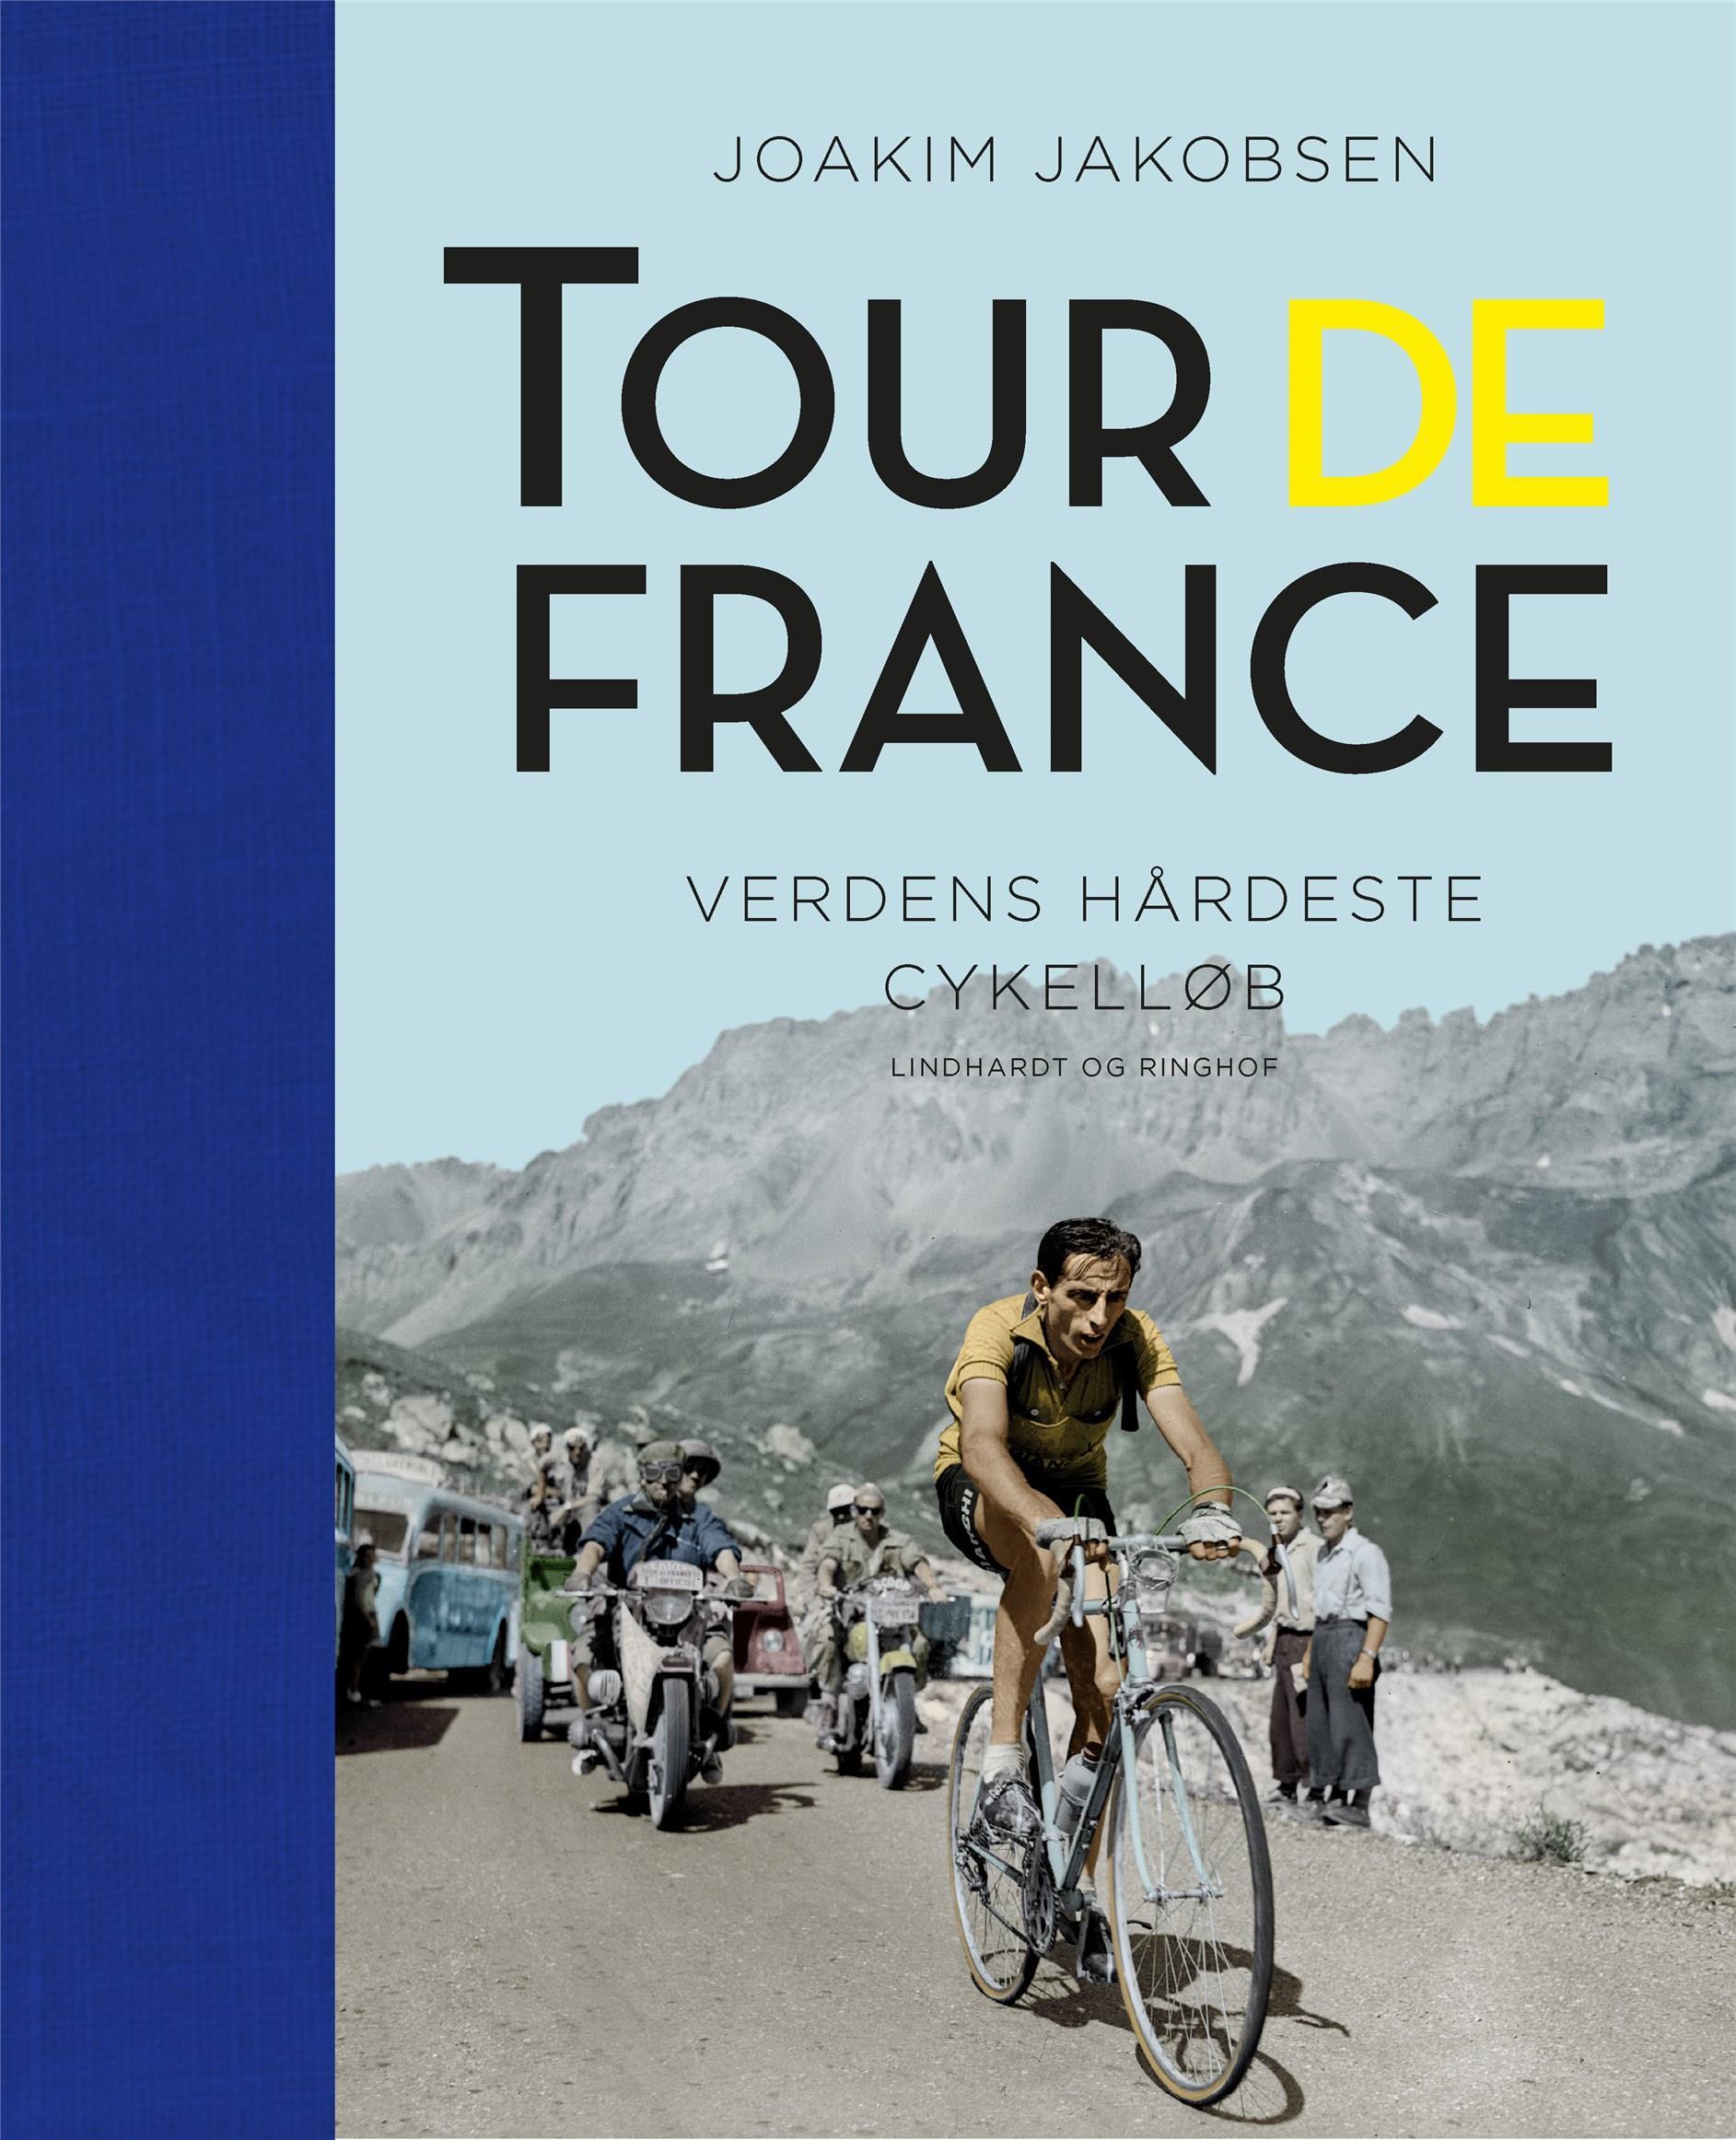 Tour de France - Verdens hårdeste cykelløb - Joakim Jakobsen - Bøger - Lindhardt og Ringhof - 9788711901151 - 23/11-2020